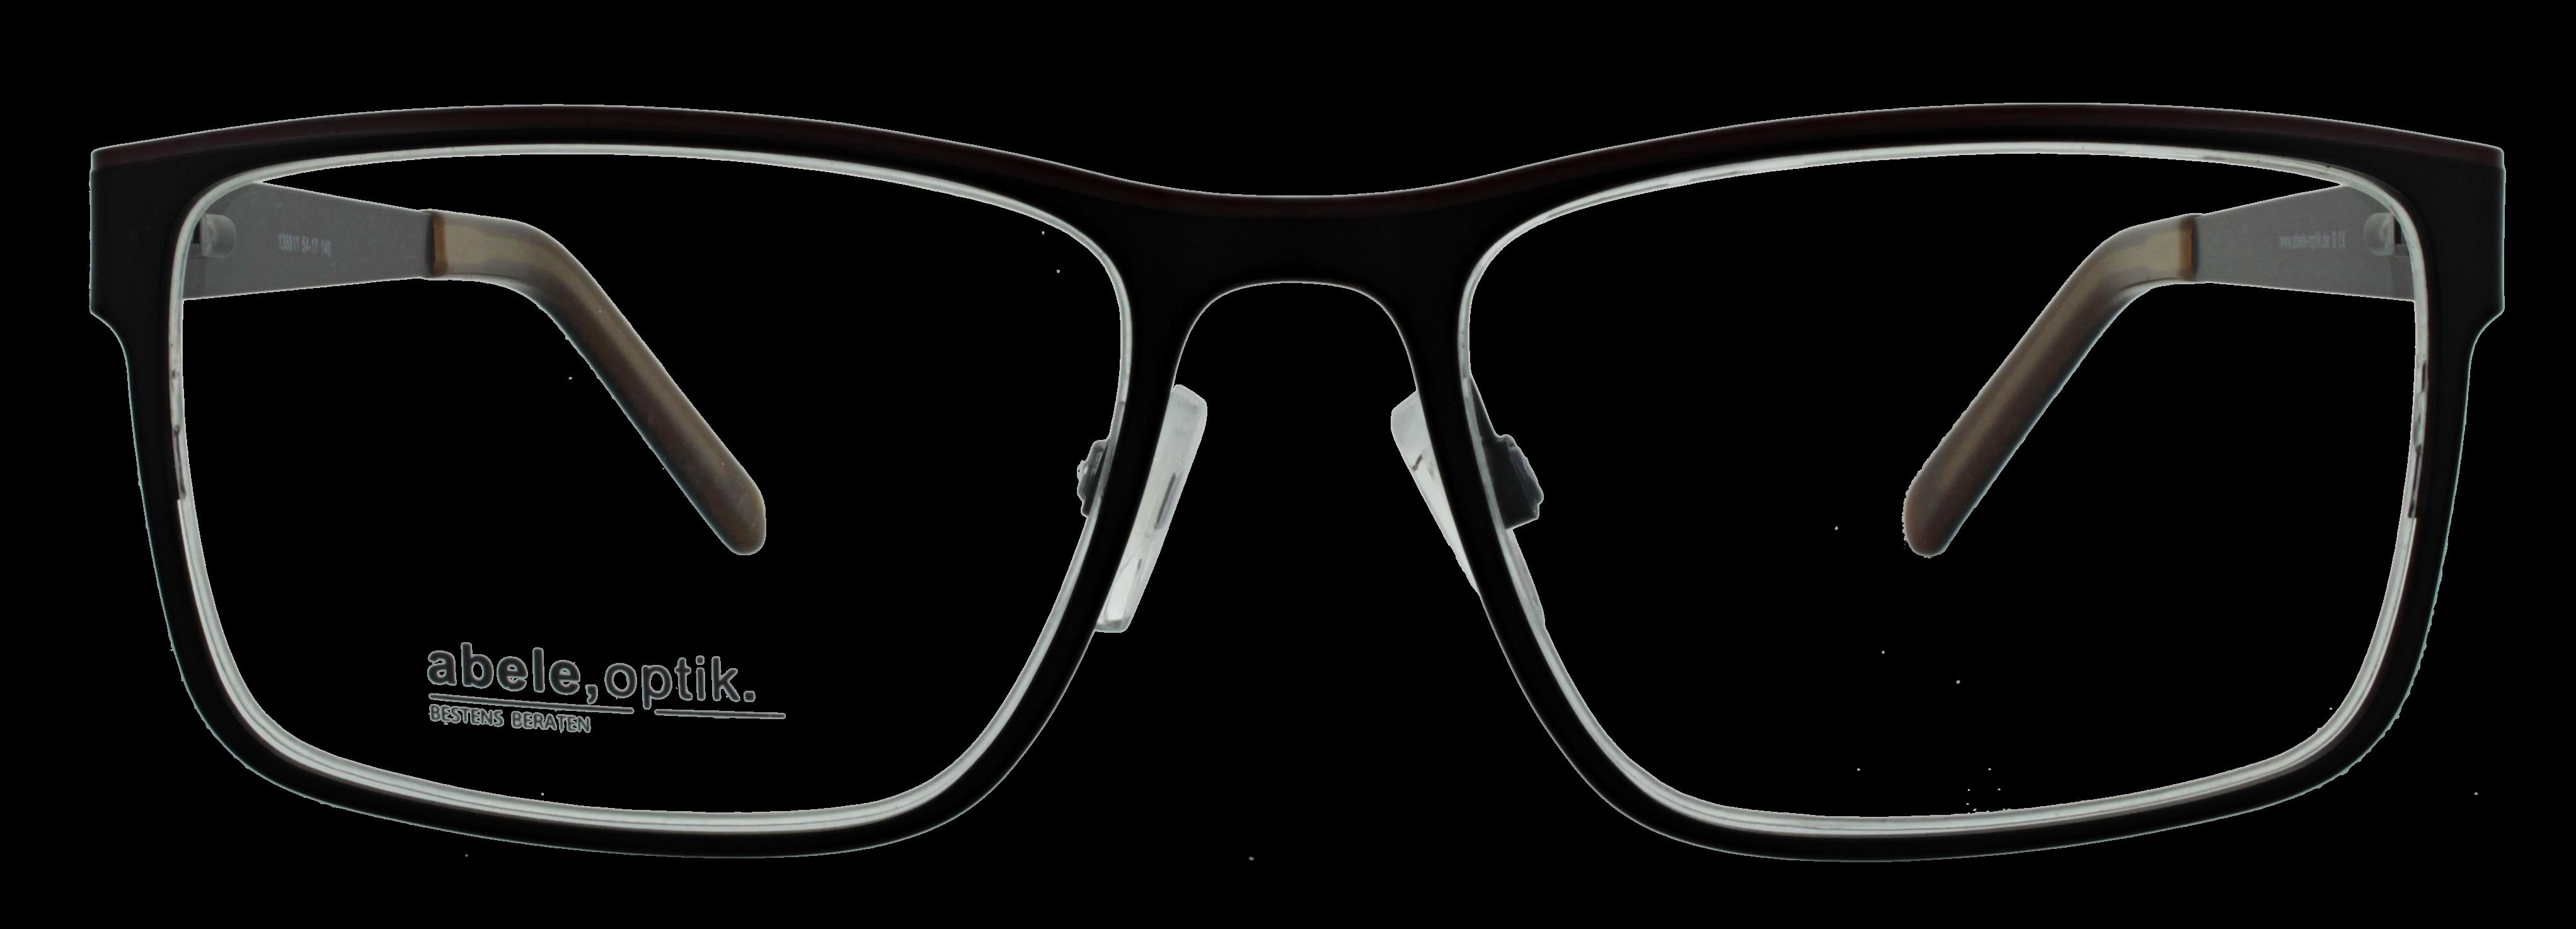 abele optik Brille 136811